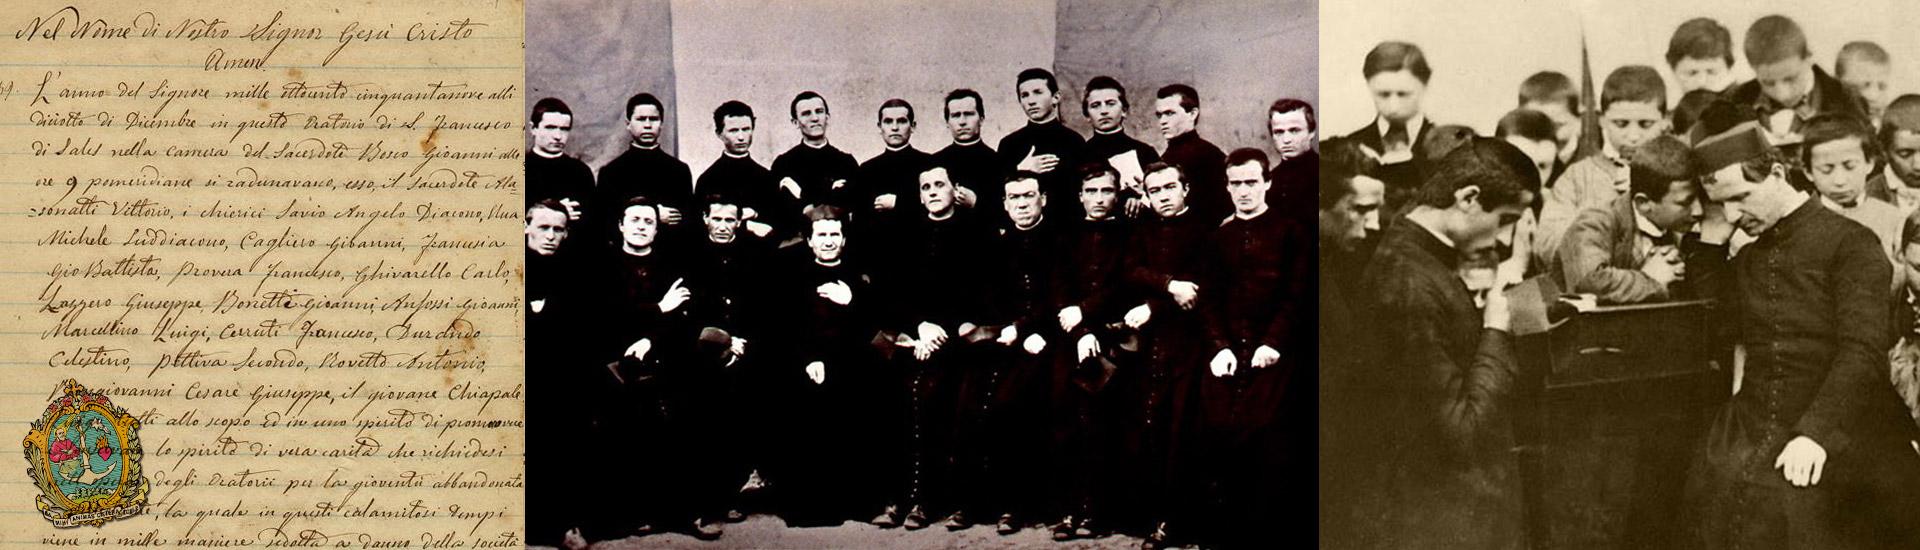 Resultado de imagen de 158 años fundacion salesianos